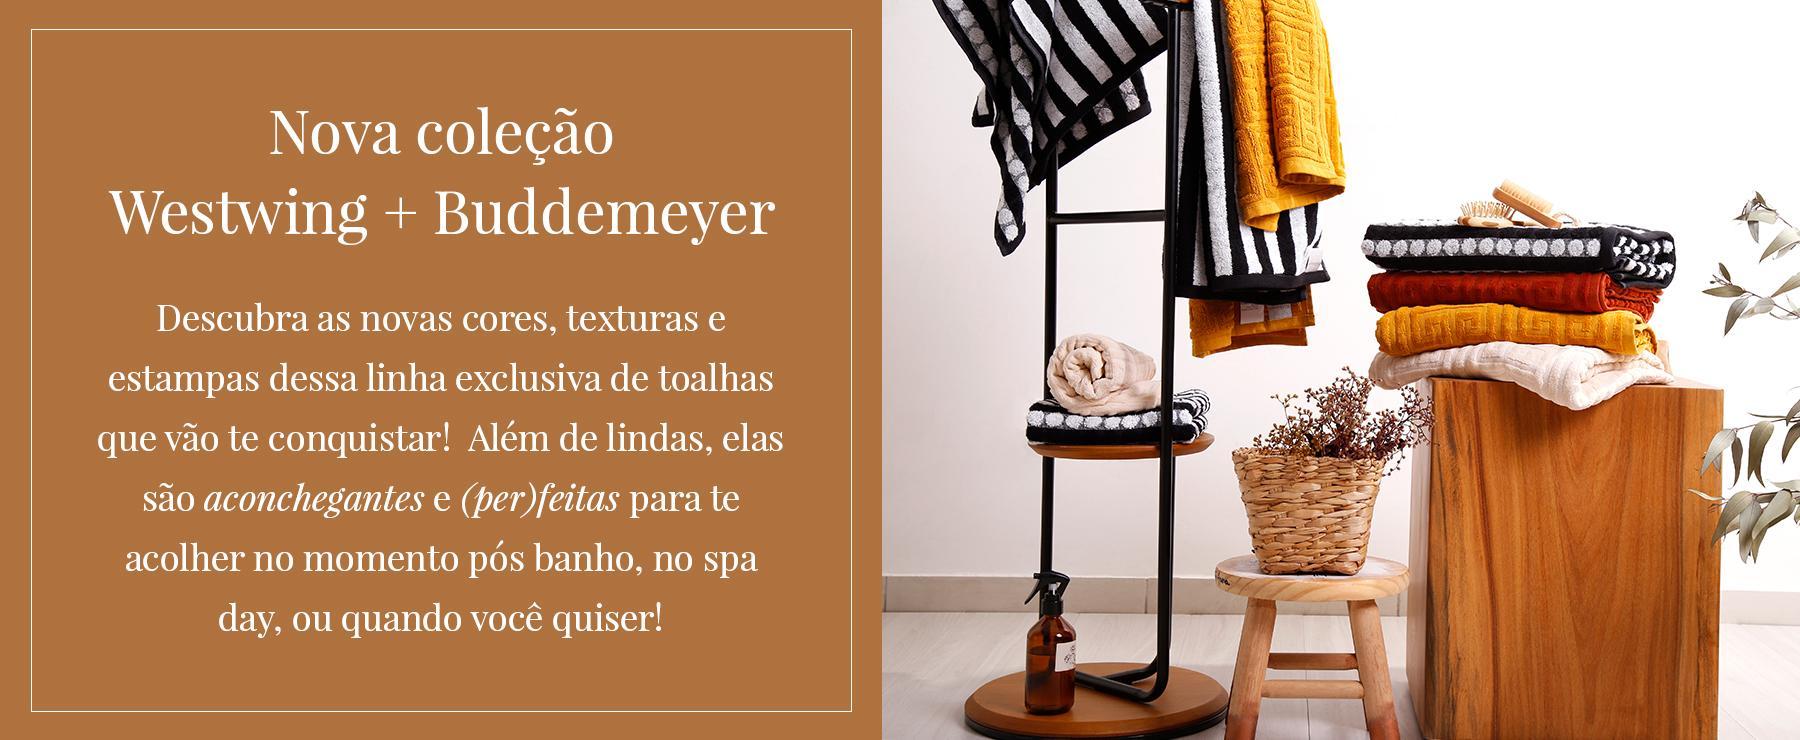 Nova coleção Westwing + Buddemeyer   WestwingNow